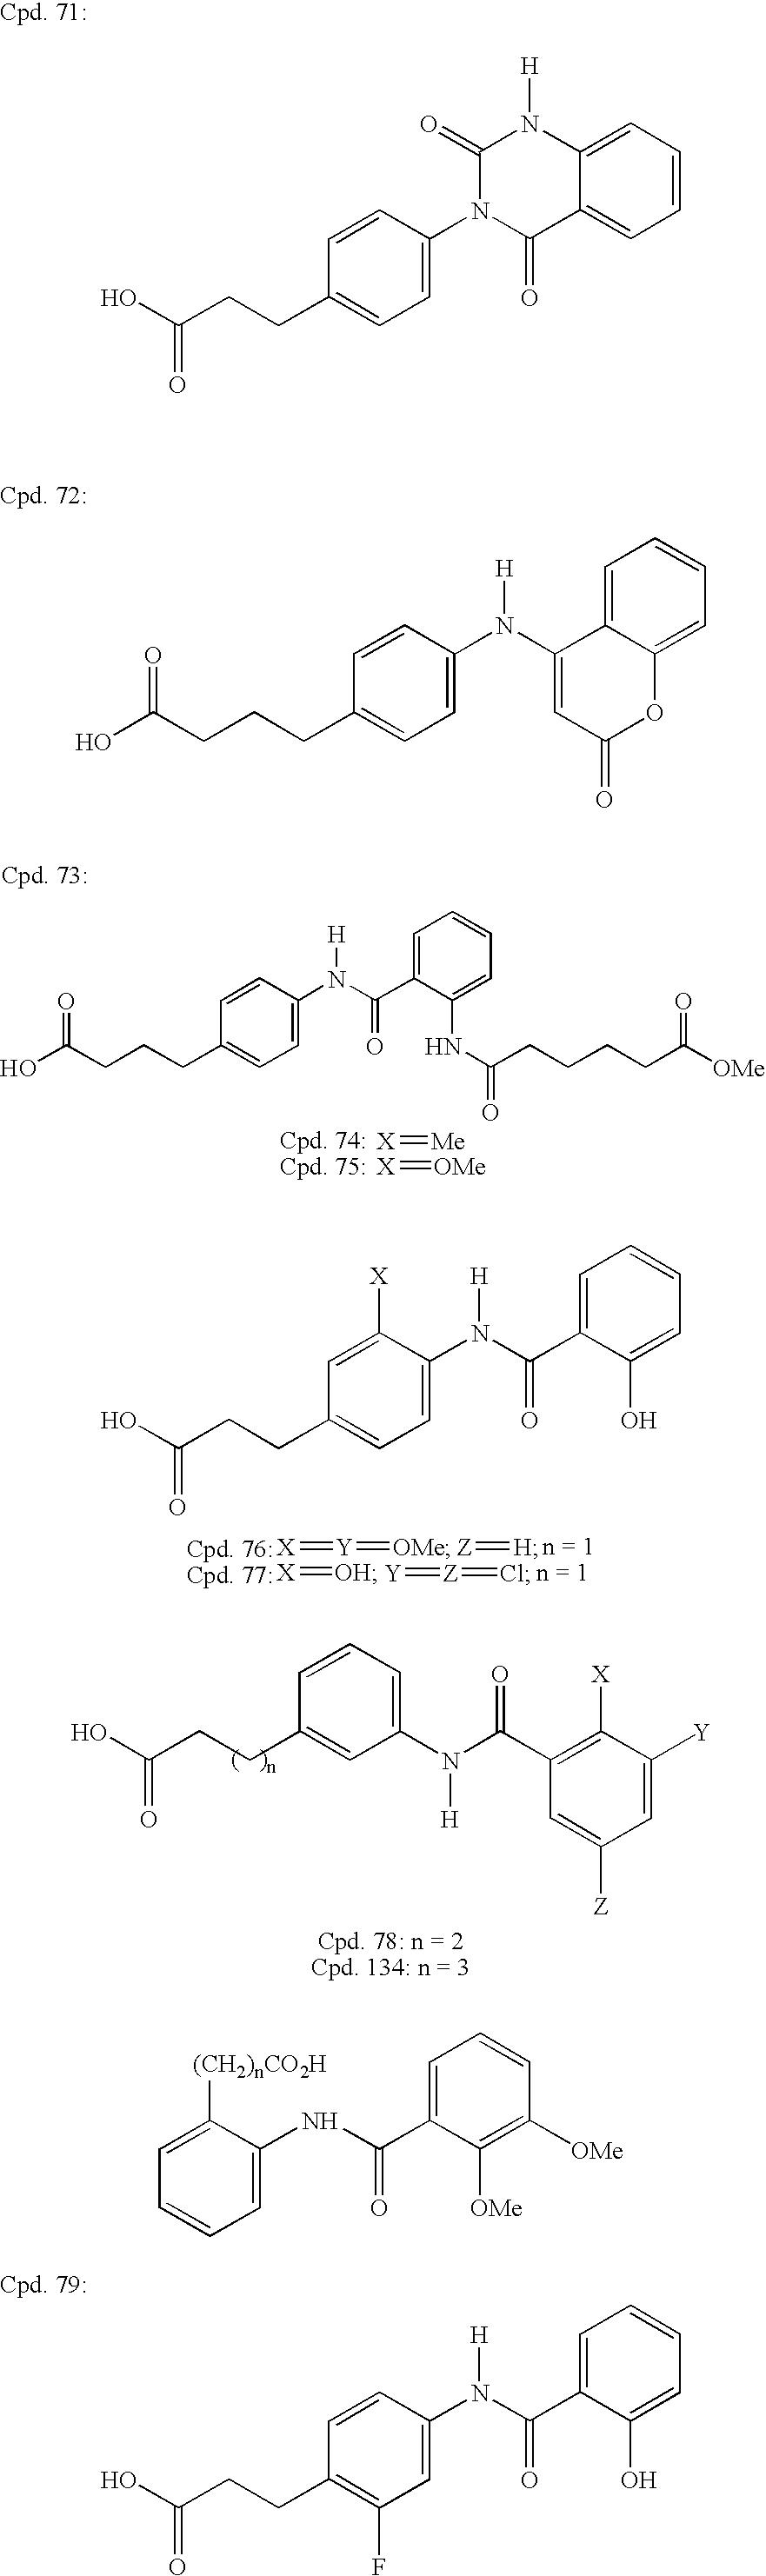 Figure US20070010422A1-20070111-C00006